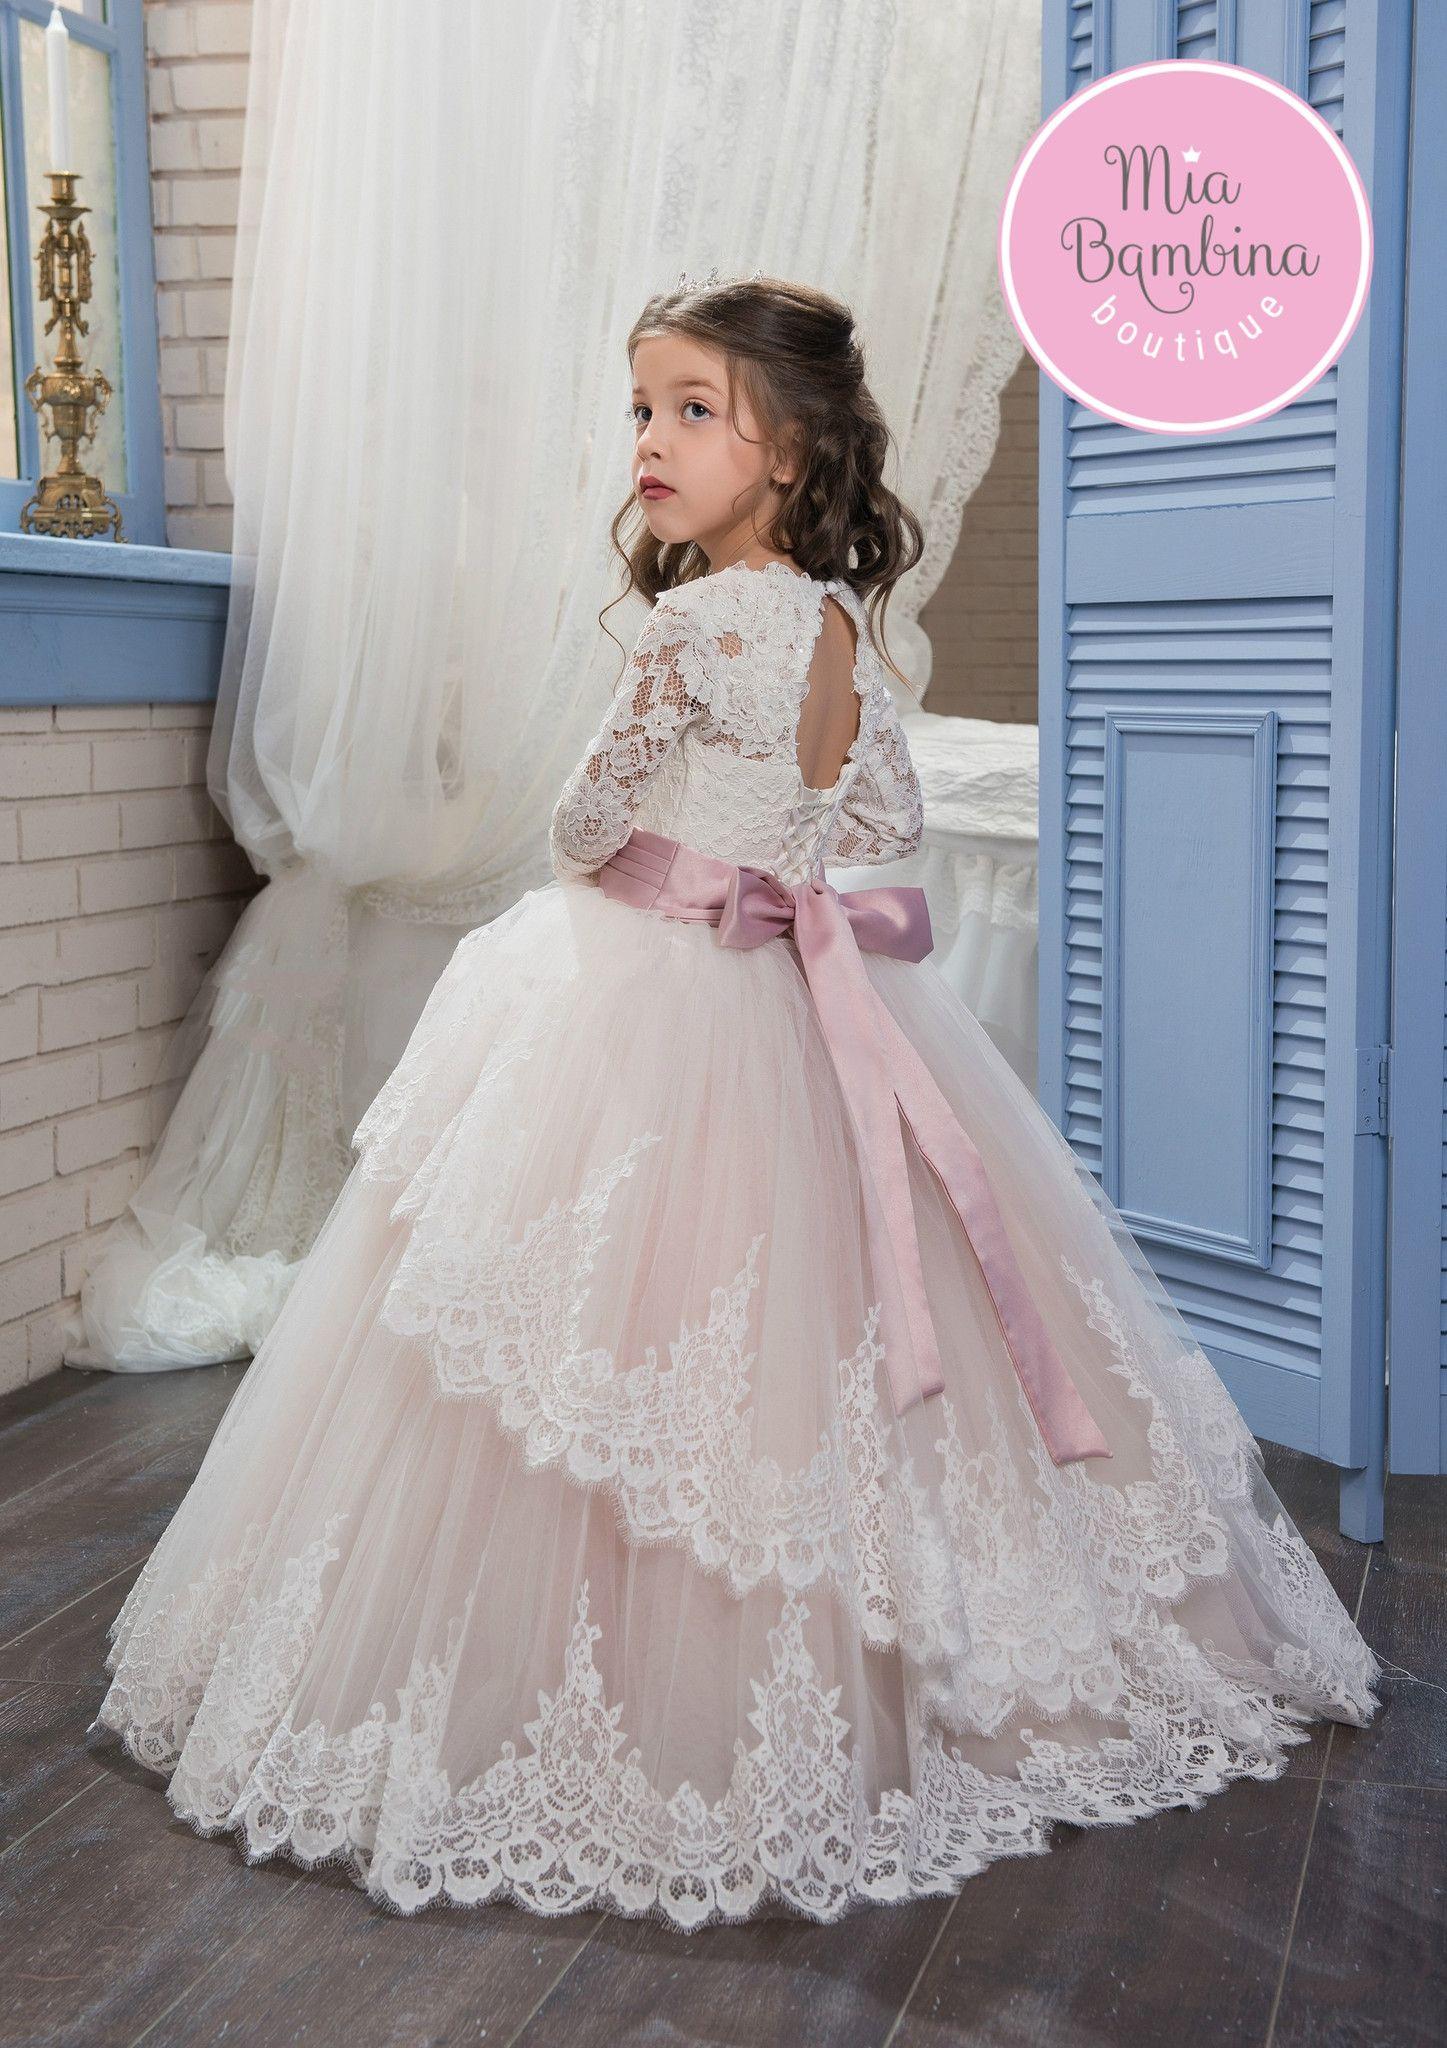 Flower Girl Dresses Arlington Flower Girl Dress For Wedding Flower Girl Dresses Tulle Flower Girl Dress Lace Princess Flower Girl Dresses [ 2048 x 1447 Pixel ]